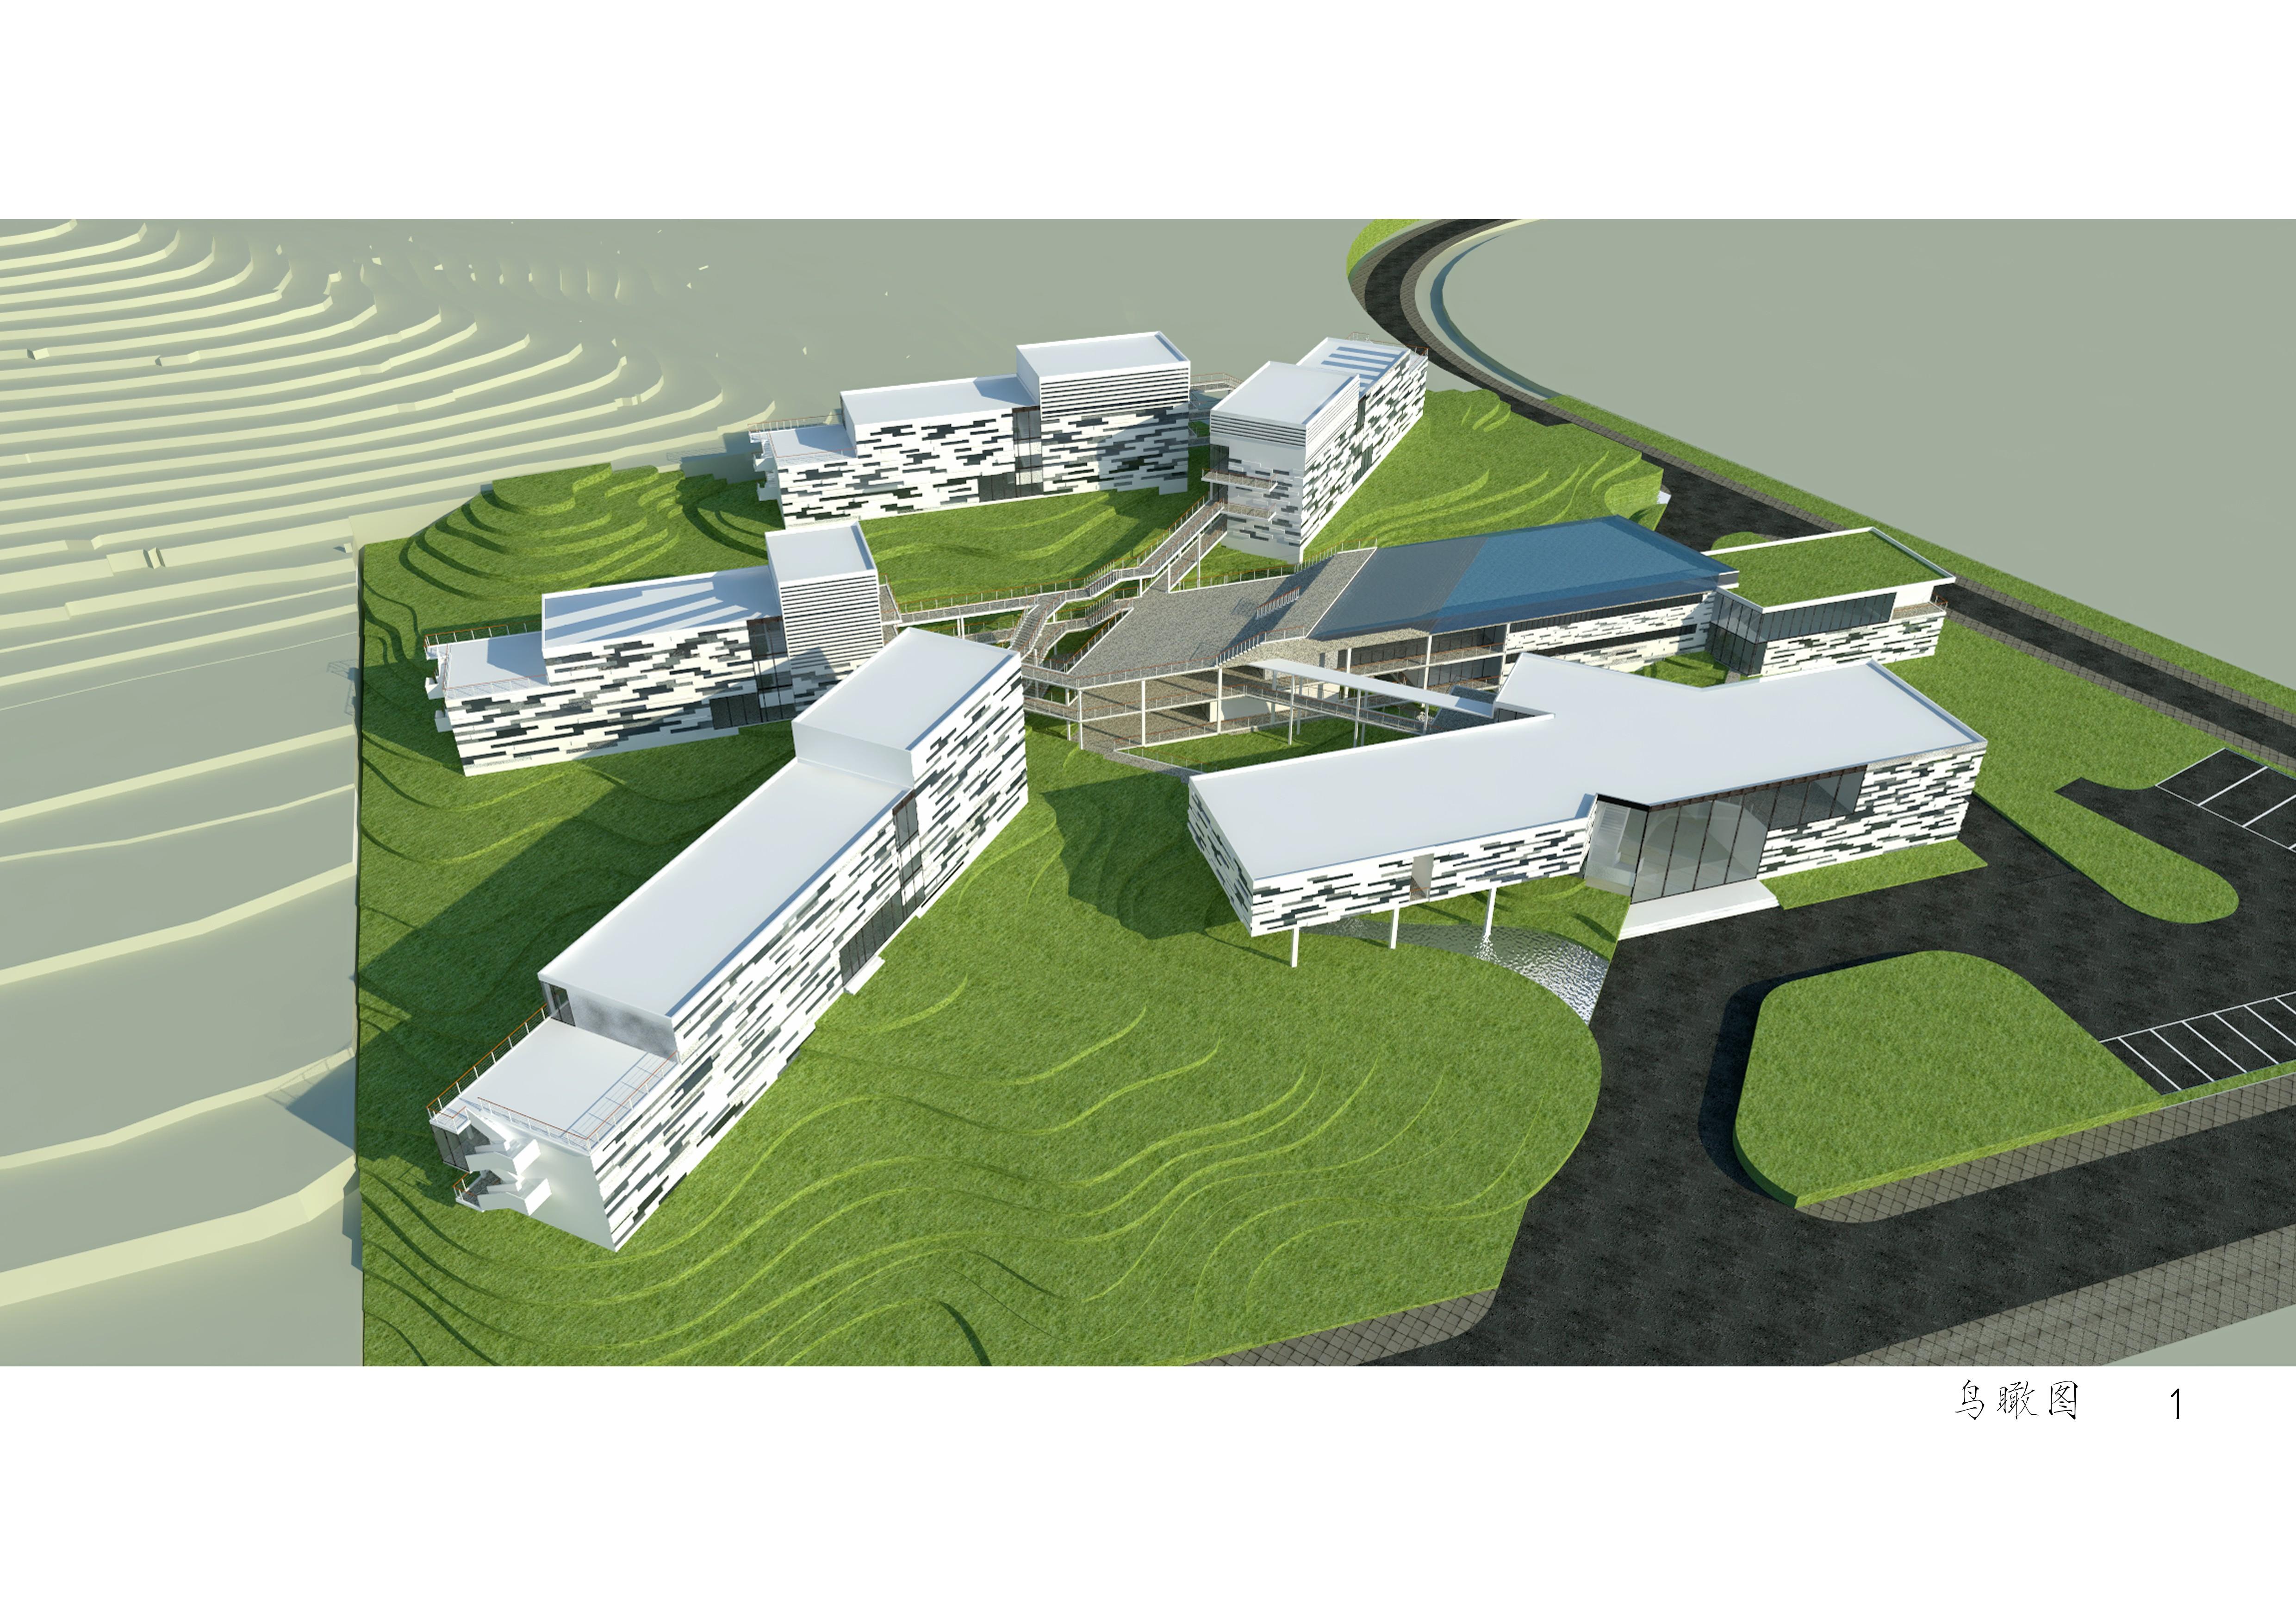 山地旅馆|空间|建筑设计|icantstop - 原创作品图片